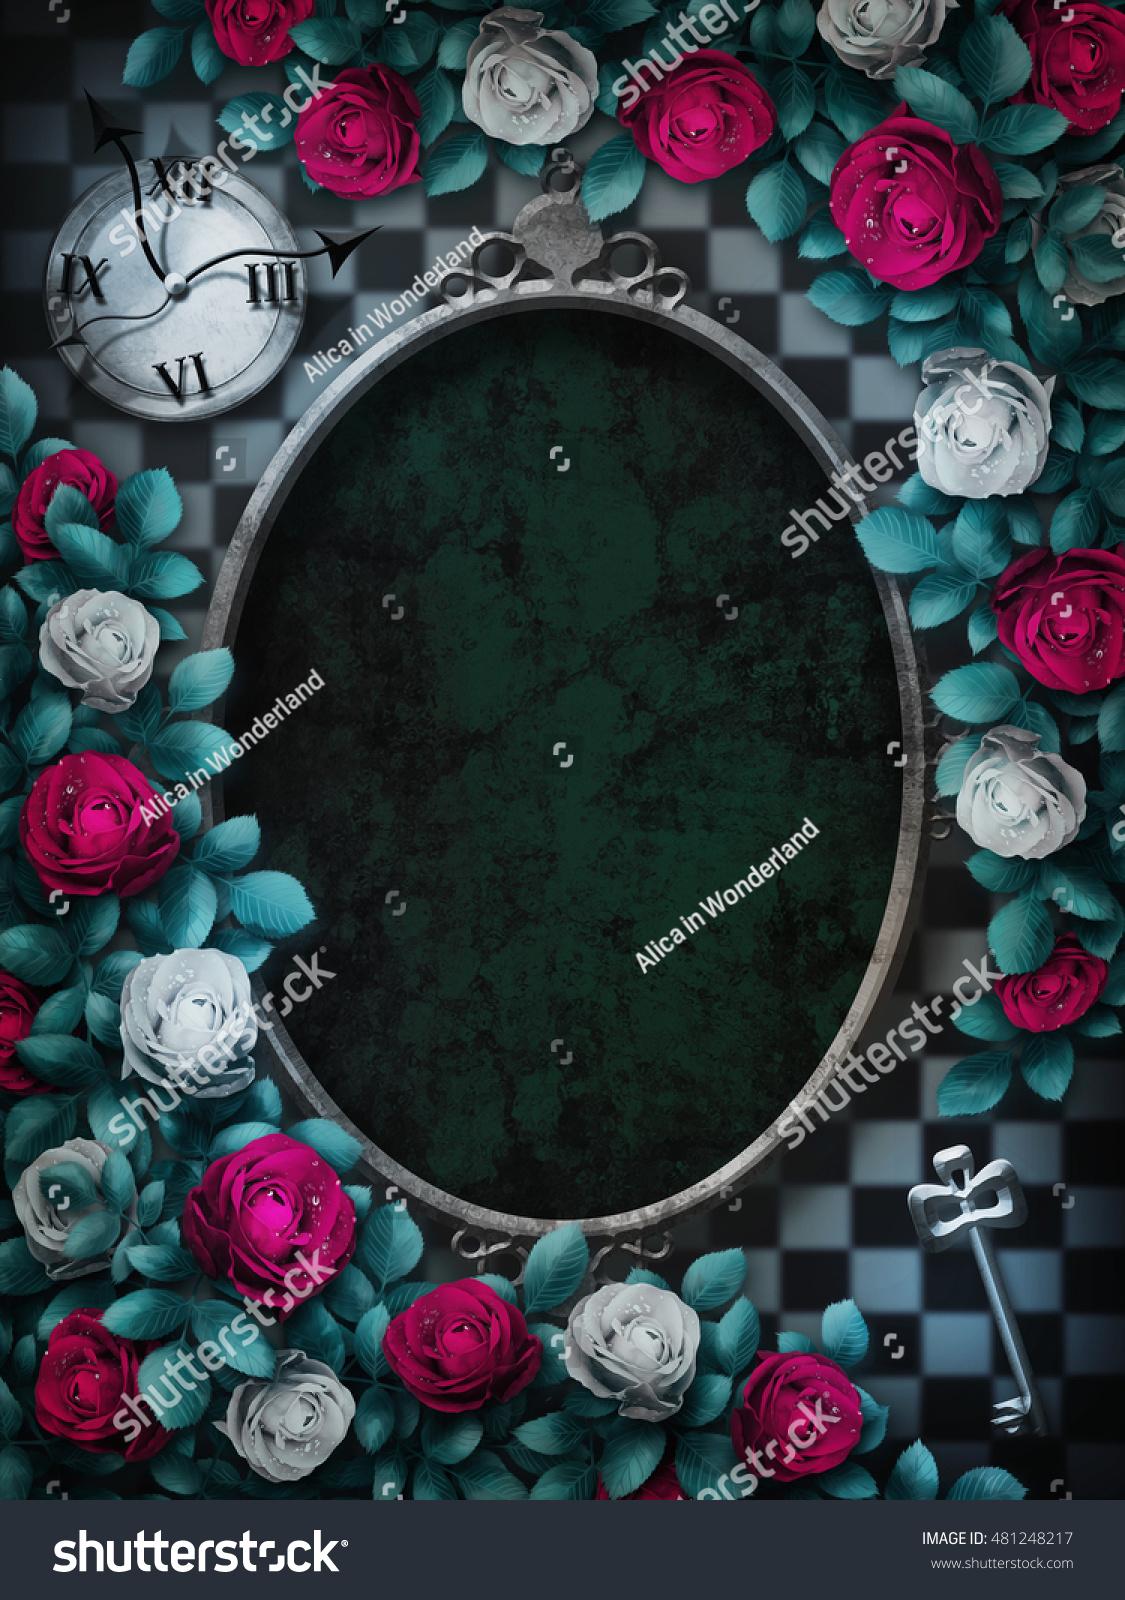 不思議の国のアリス チェスの背景に赤いバラと白いバラ 時計と鍵